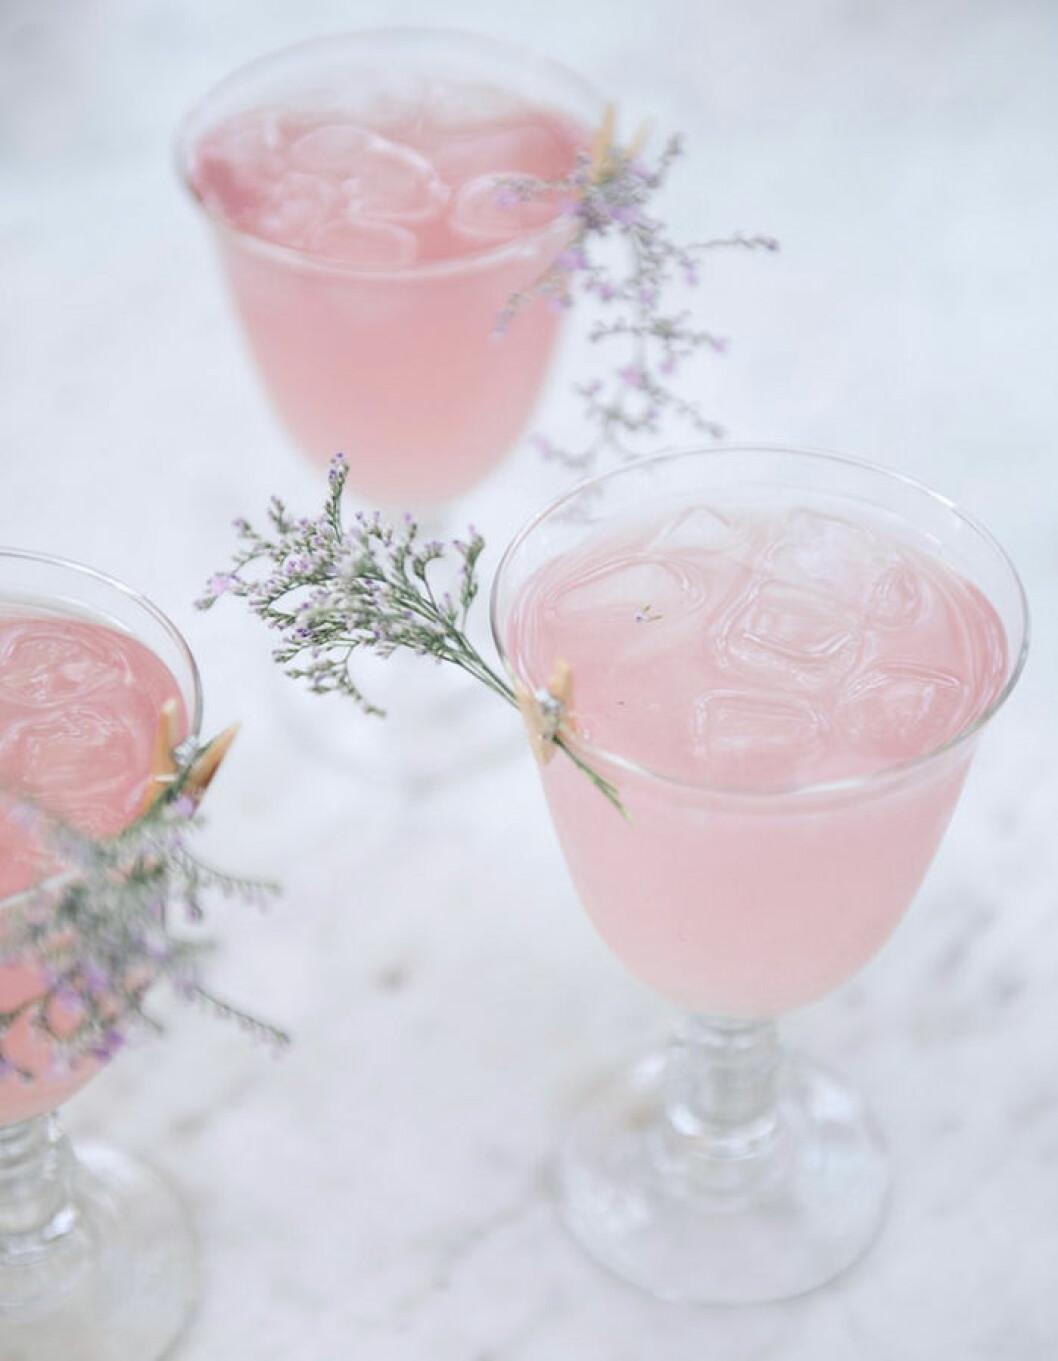 Rosig drink med smak av hallon och apelsin.